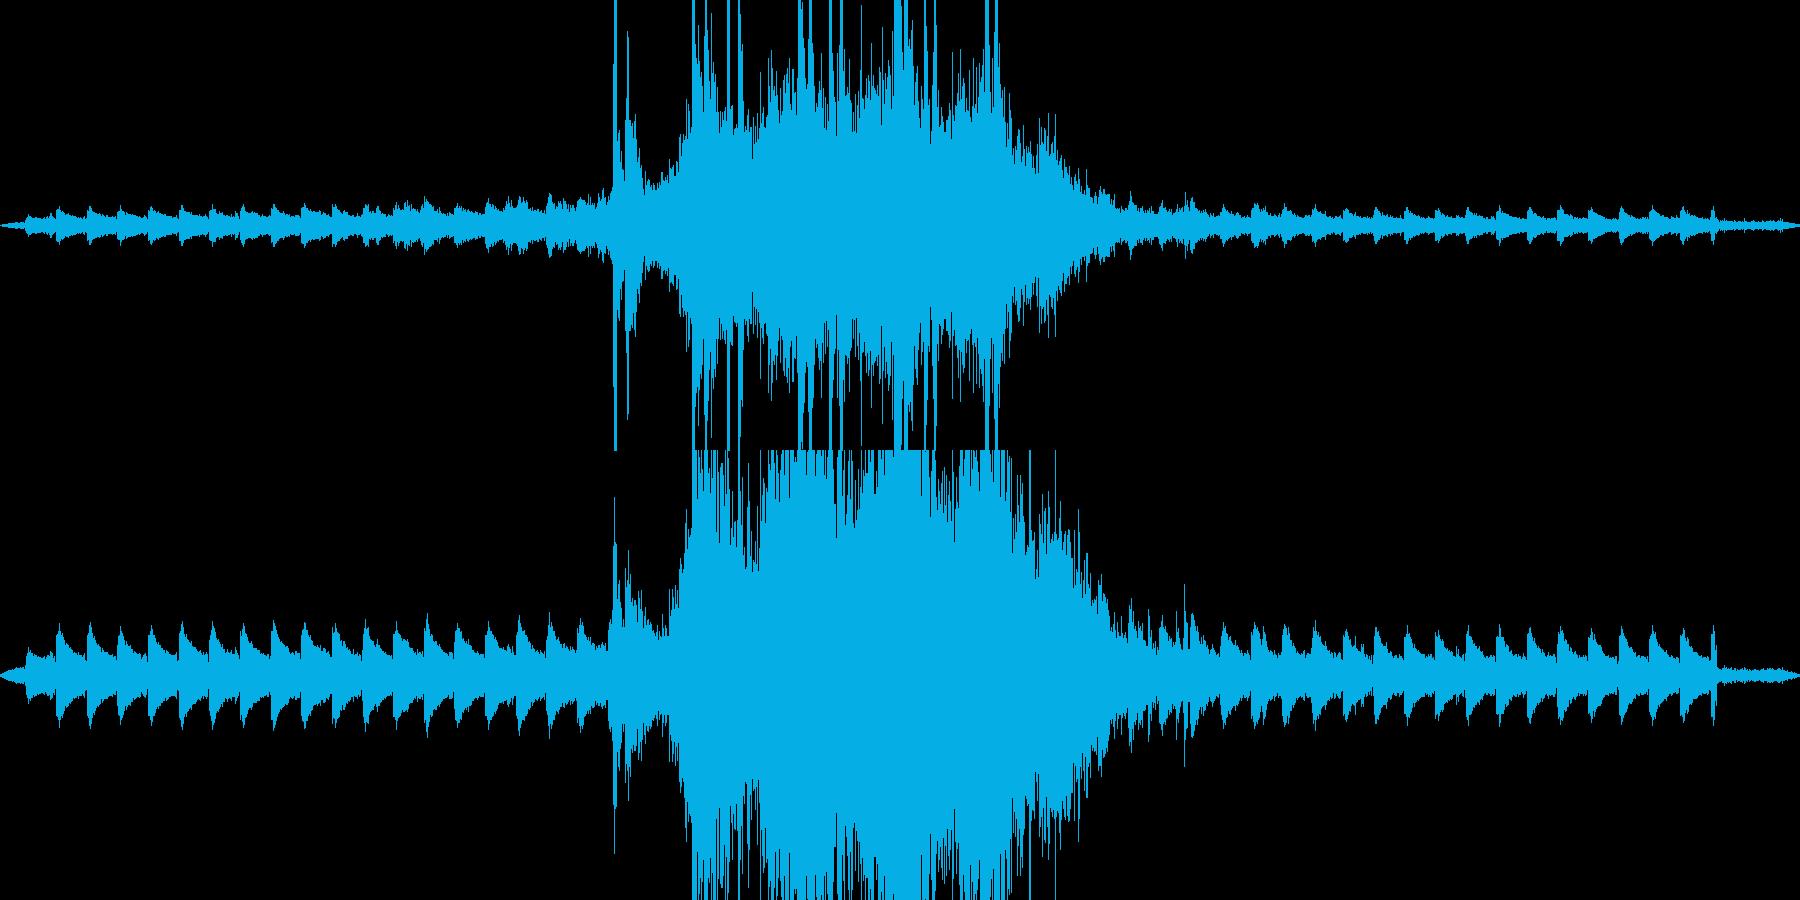 カナカンカン ガタンガタン 踏切待ちの音の再生済みの波形